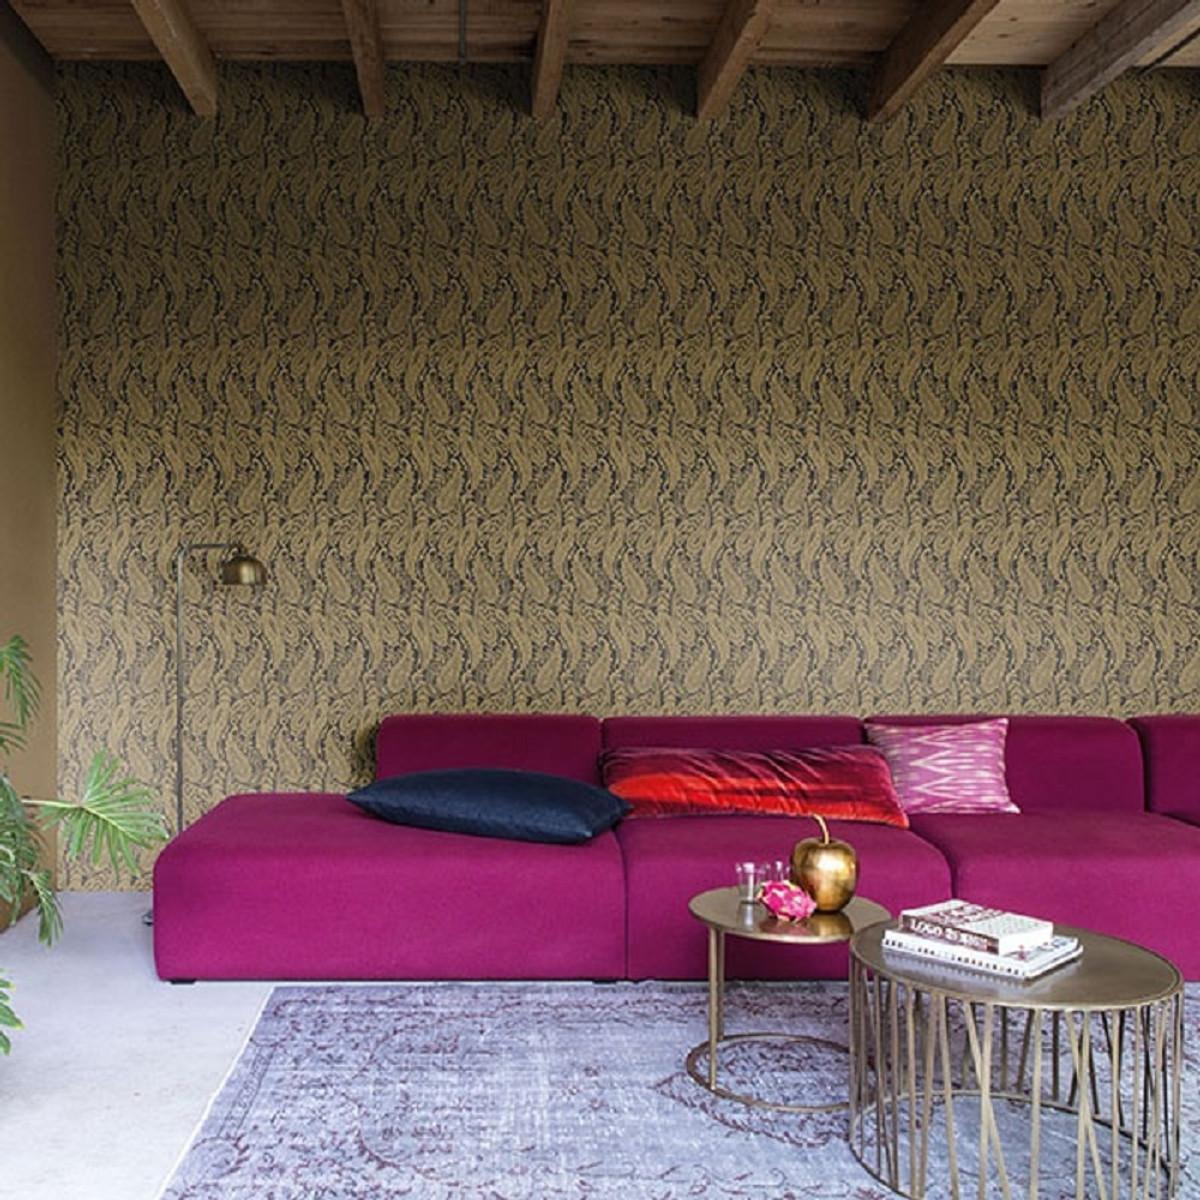 Casa Padrino Barock Wohnzimmer Tapete Grau / Gold 10,05 x 0,53 m -  Hochwertige Textiltapete